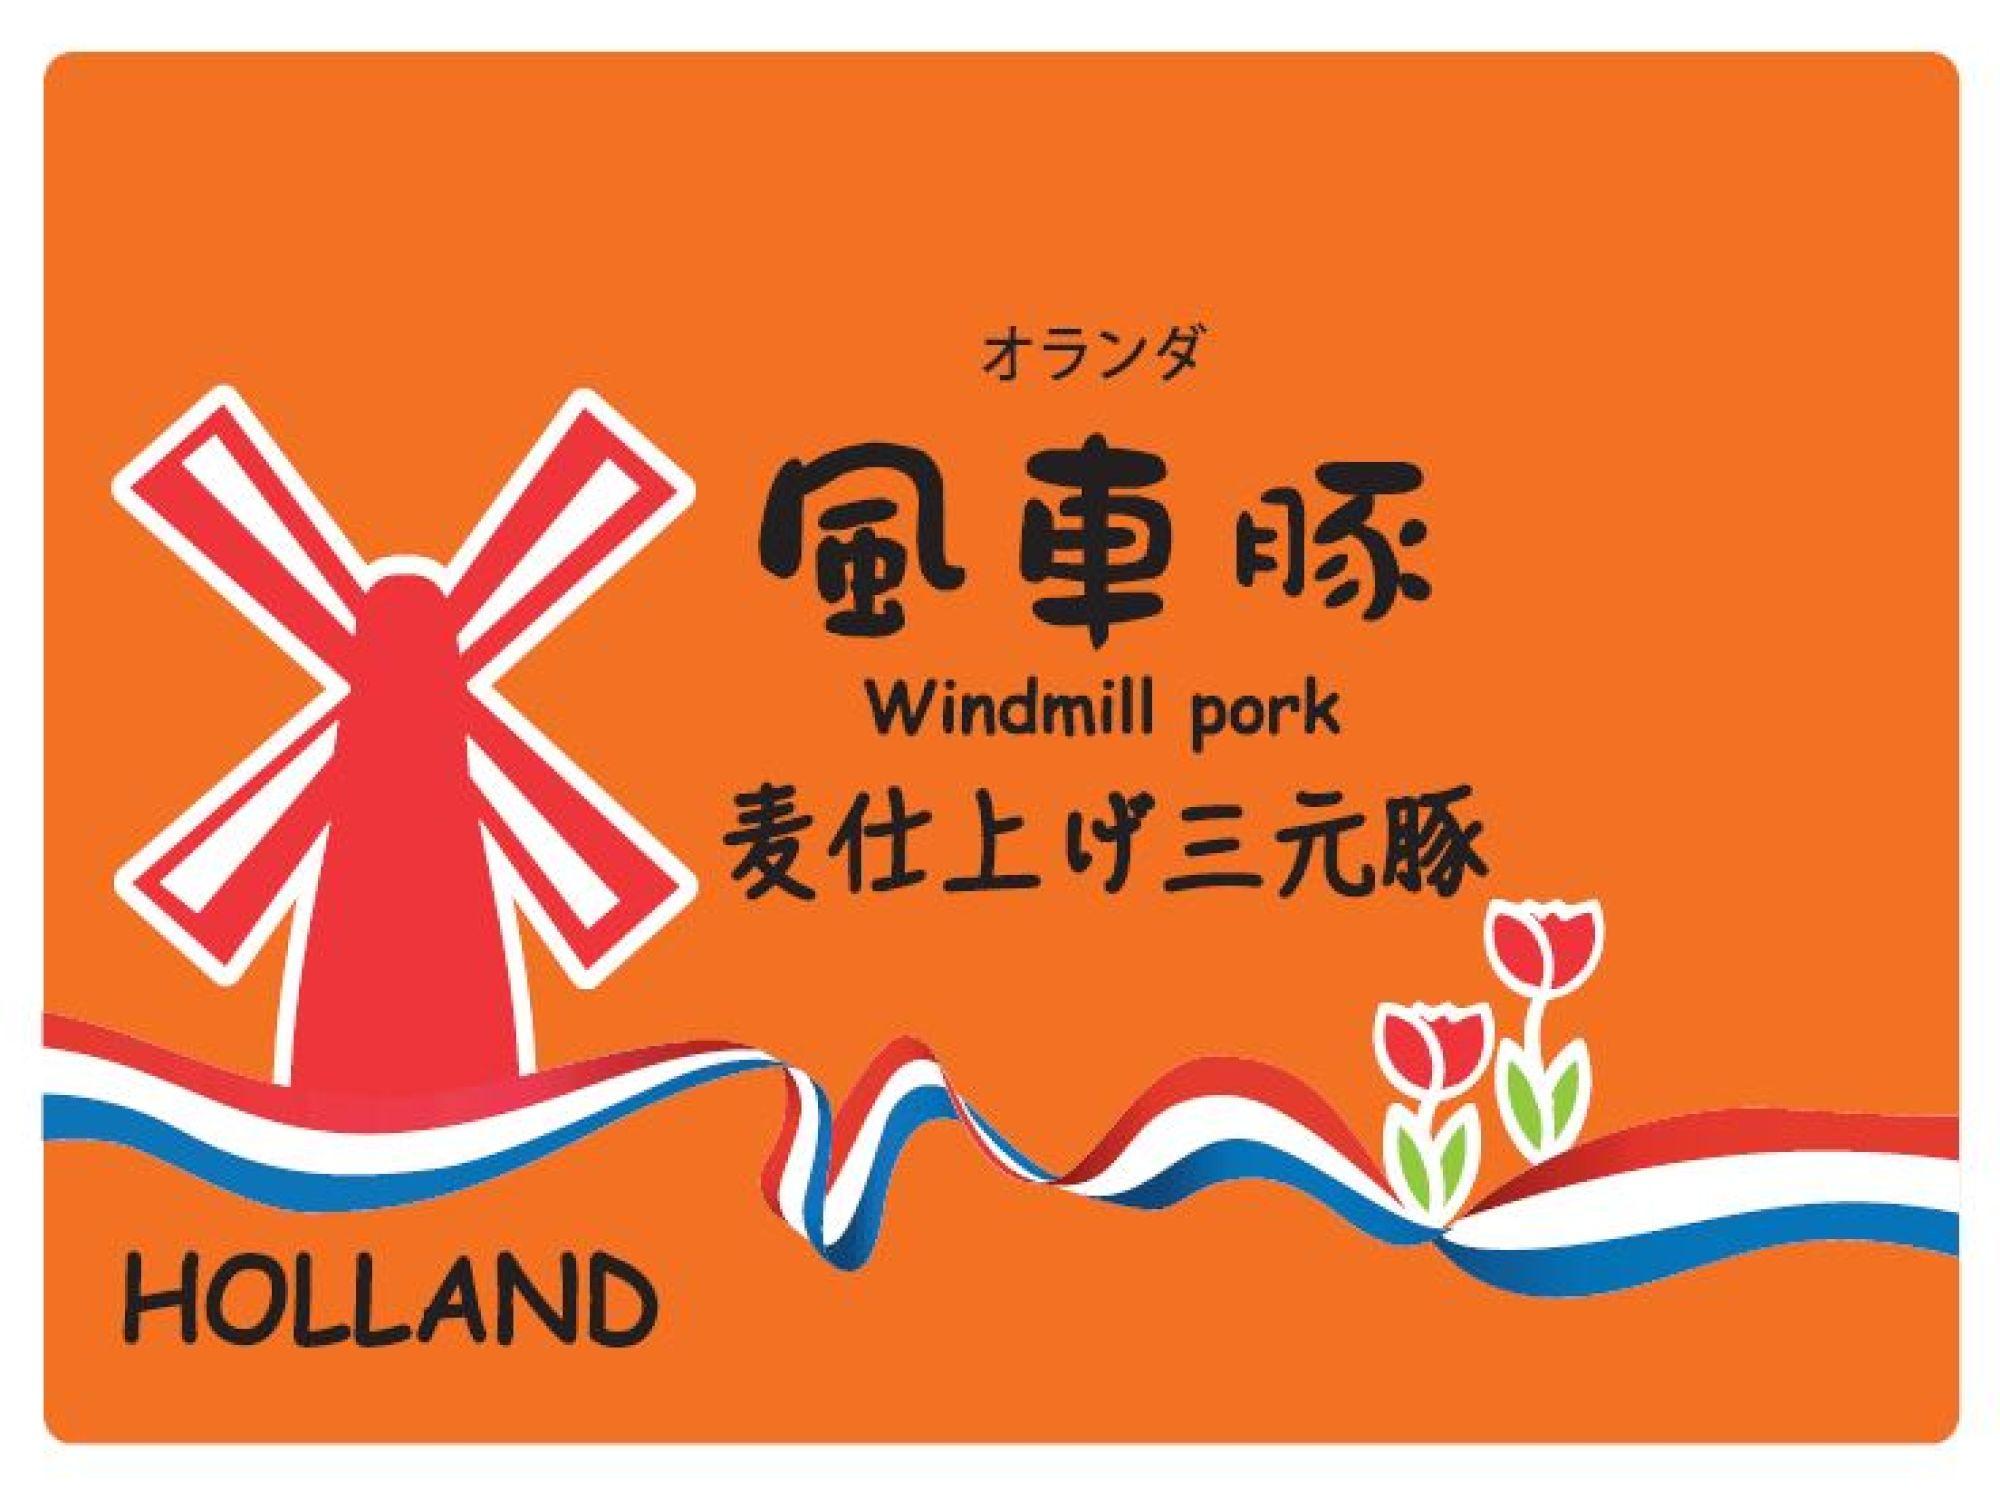 Windmill pork